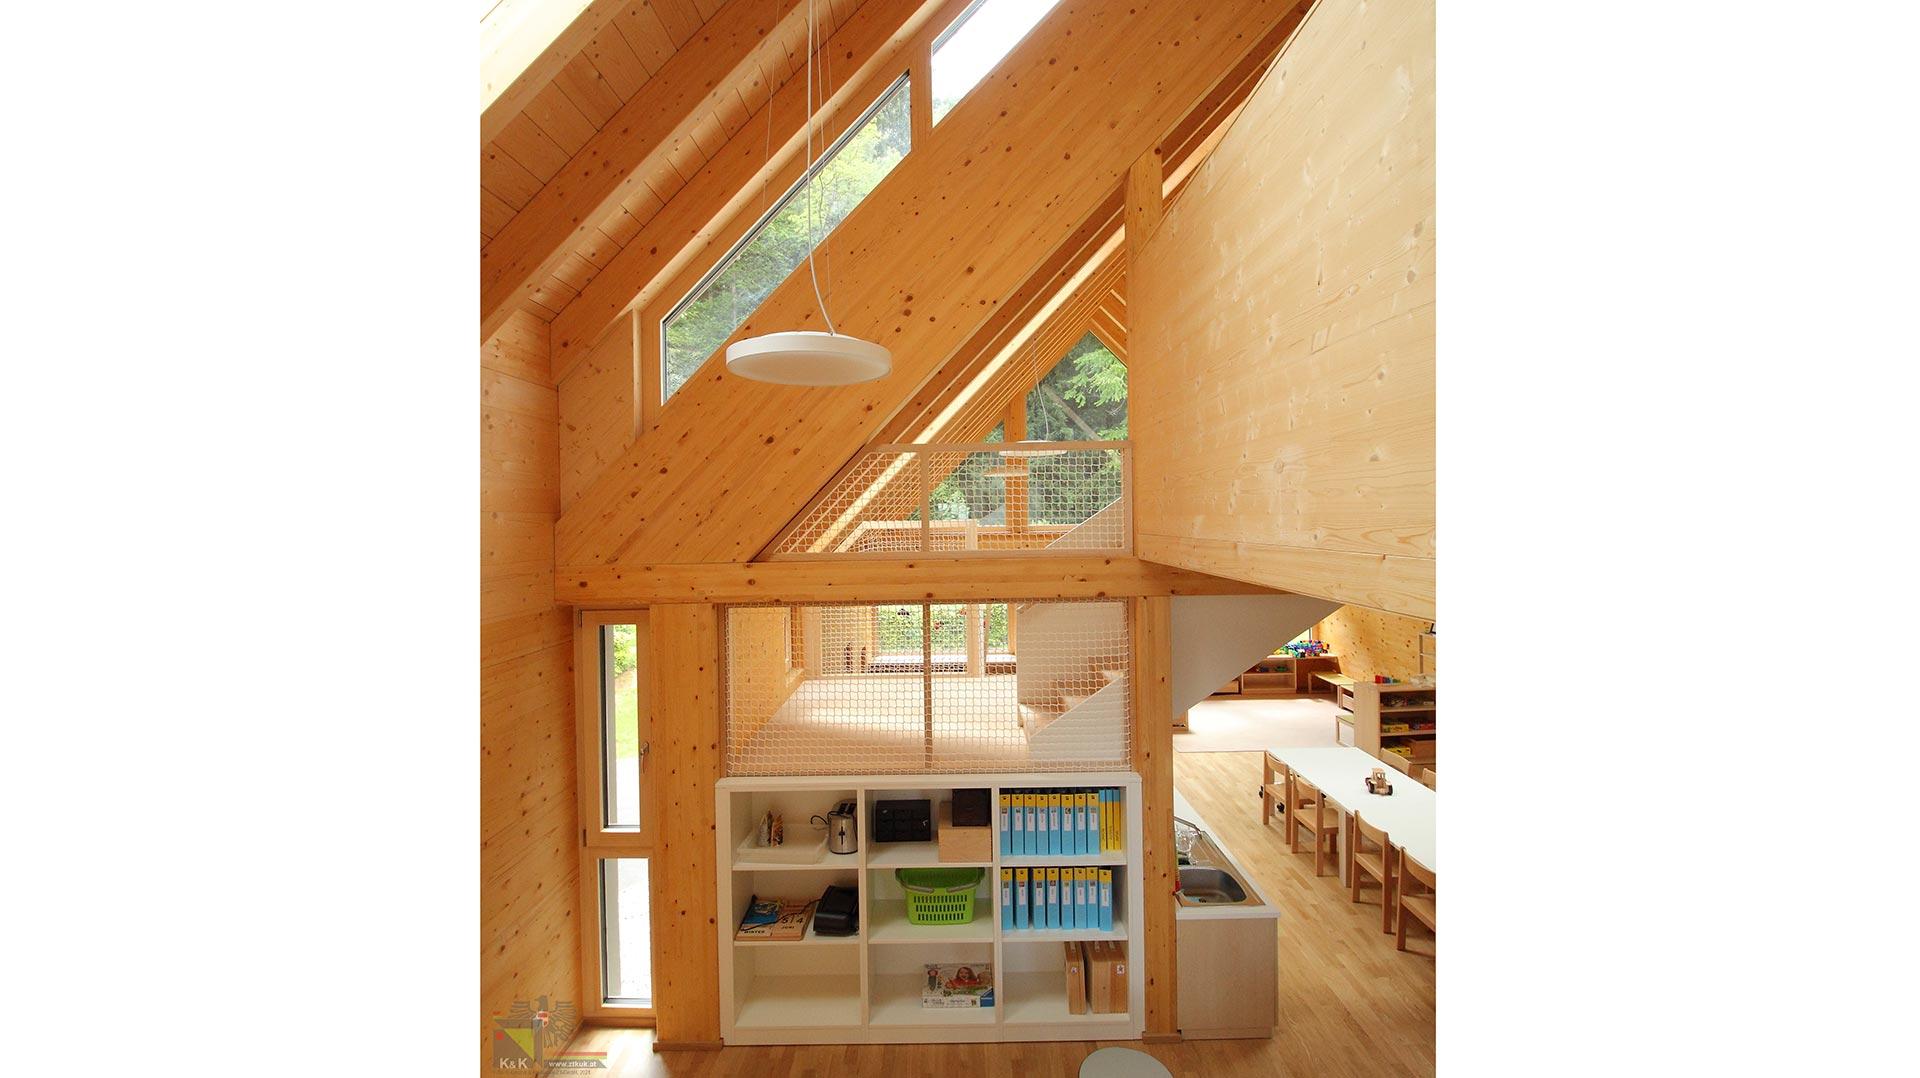 Innenarchitektur Holzbauweise